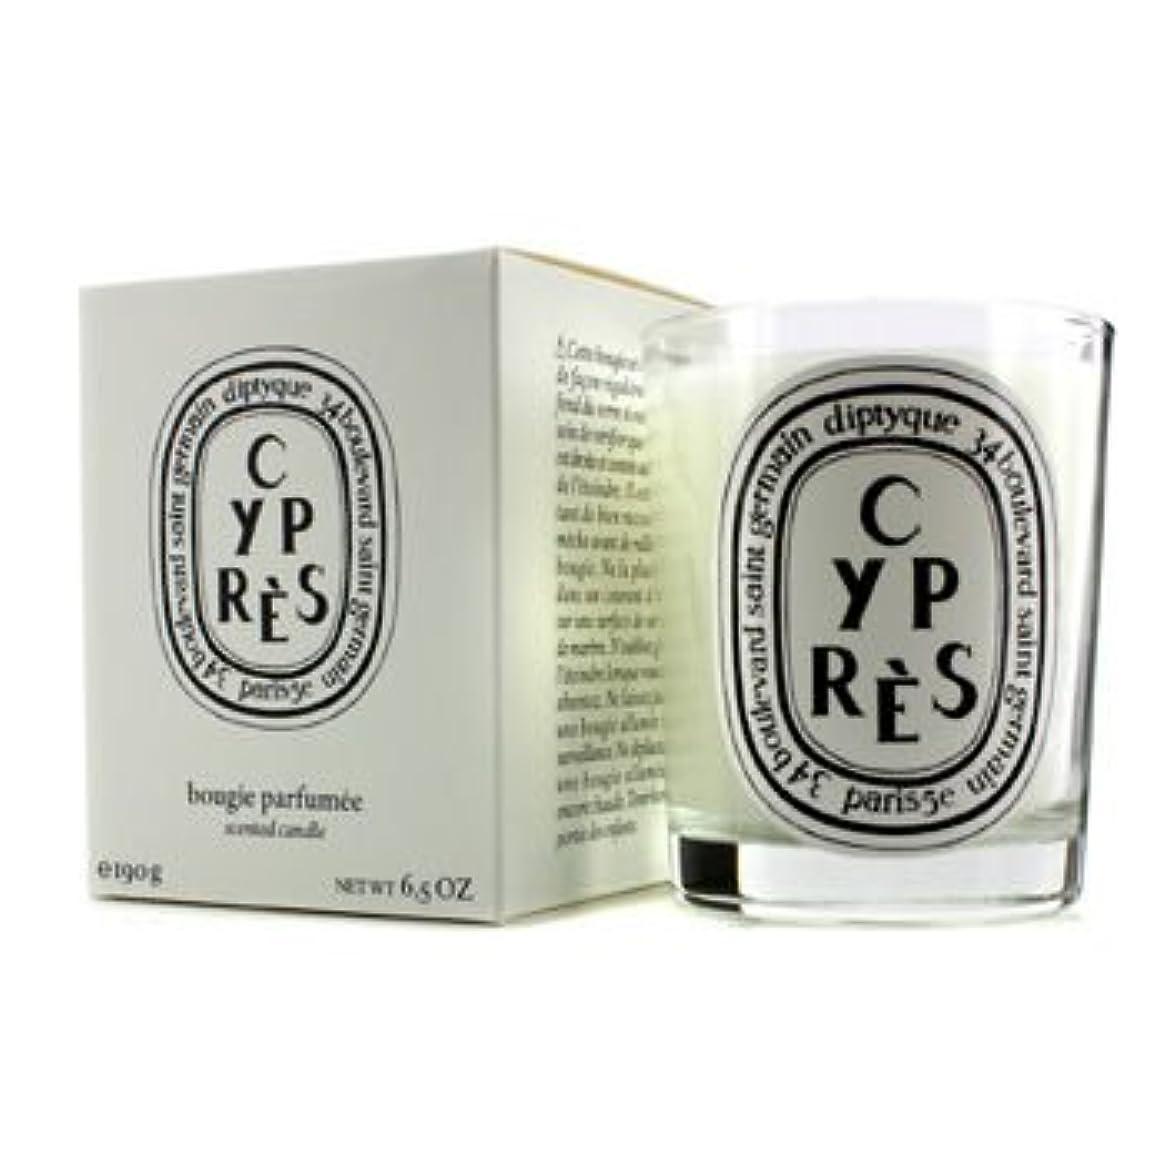 飢り話[Diptyque] Scented Candle - Cypres (Cypress) 190g/6.5oz